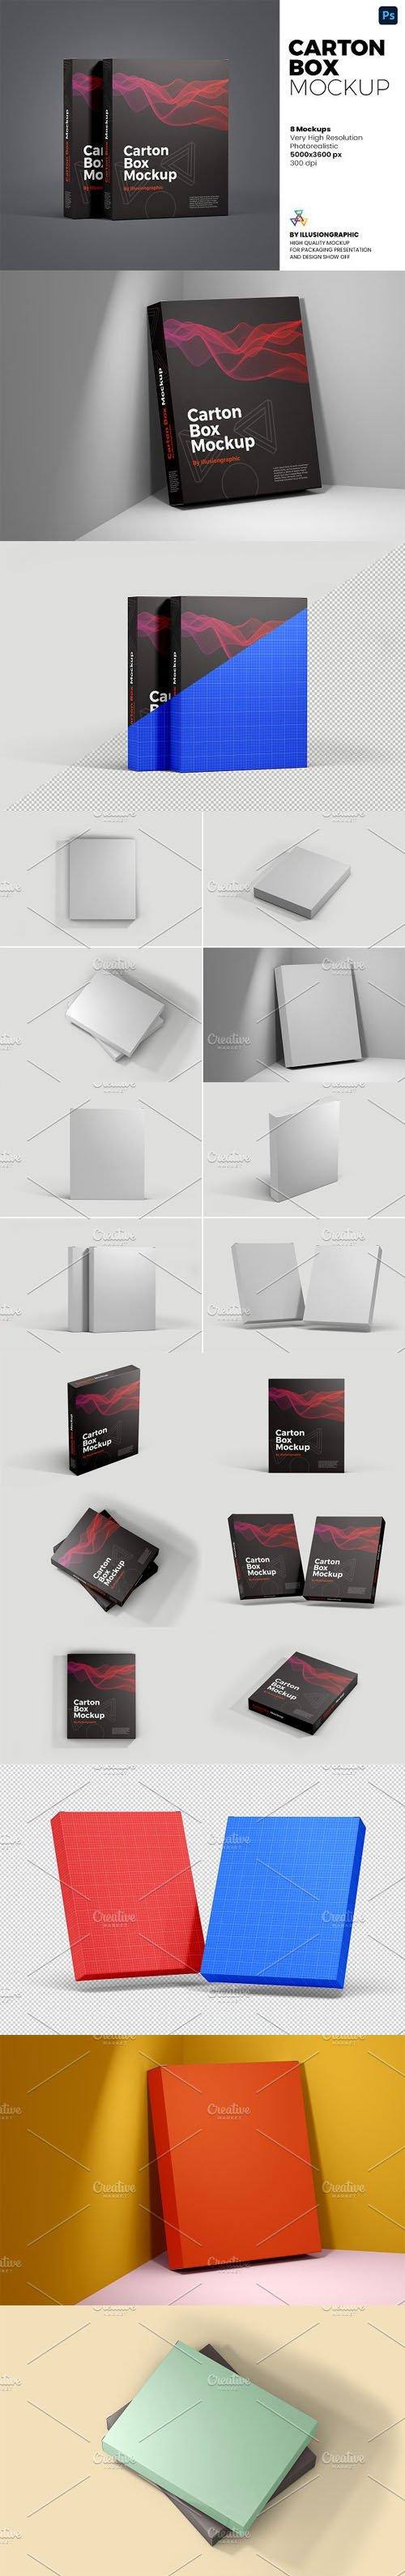 Carton Box PSD Mockups Templates - 8 Views